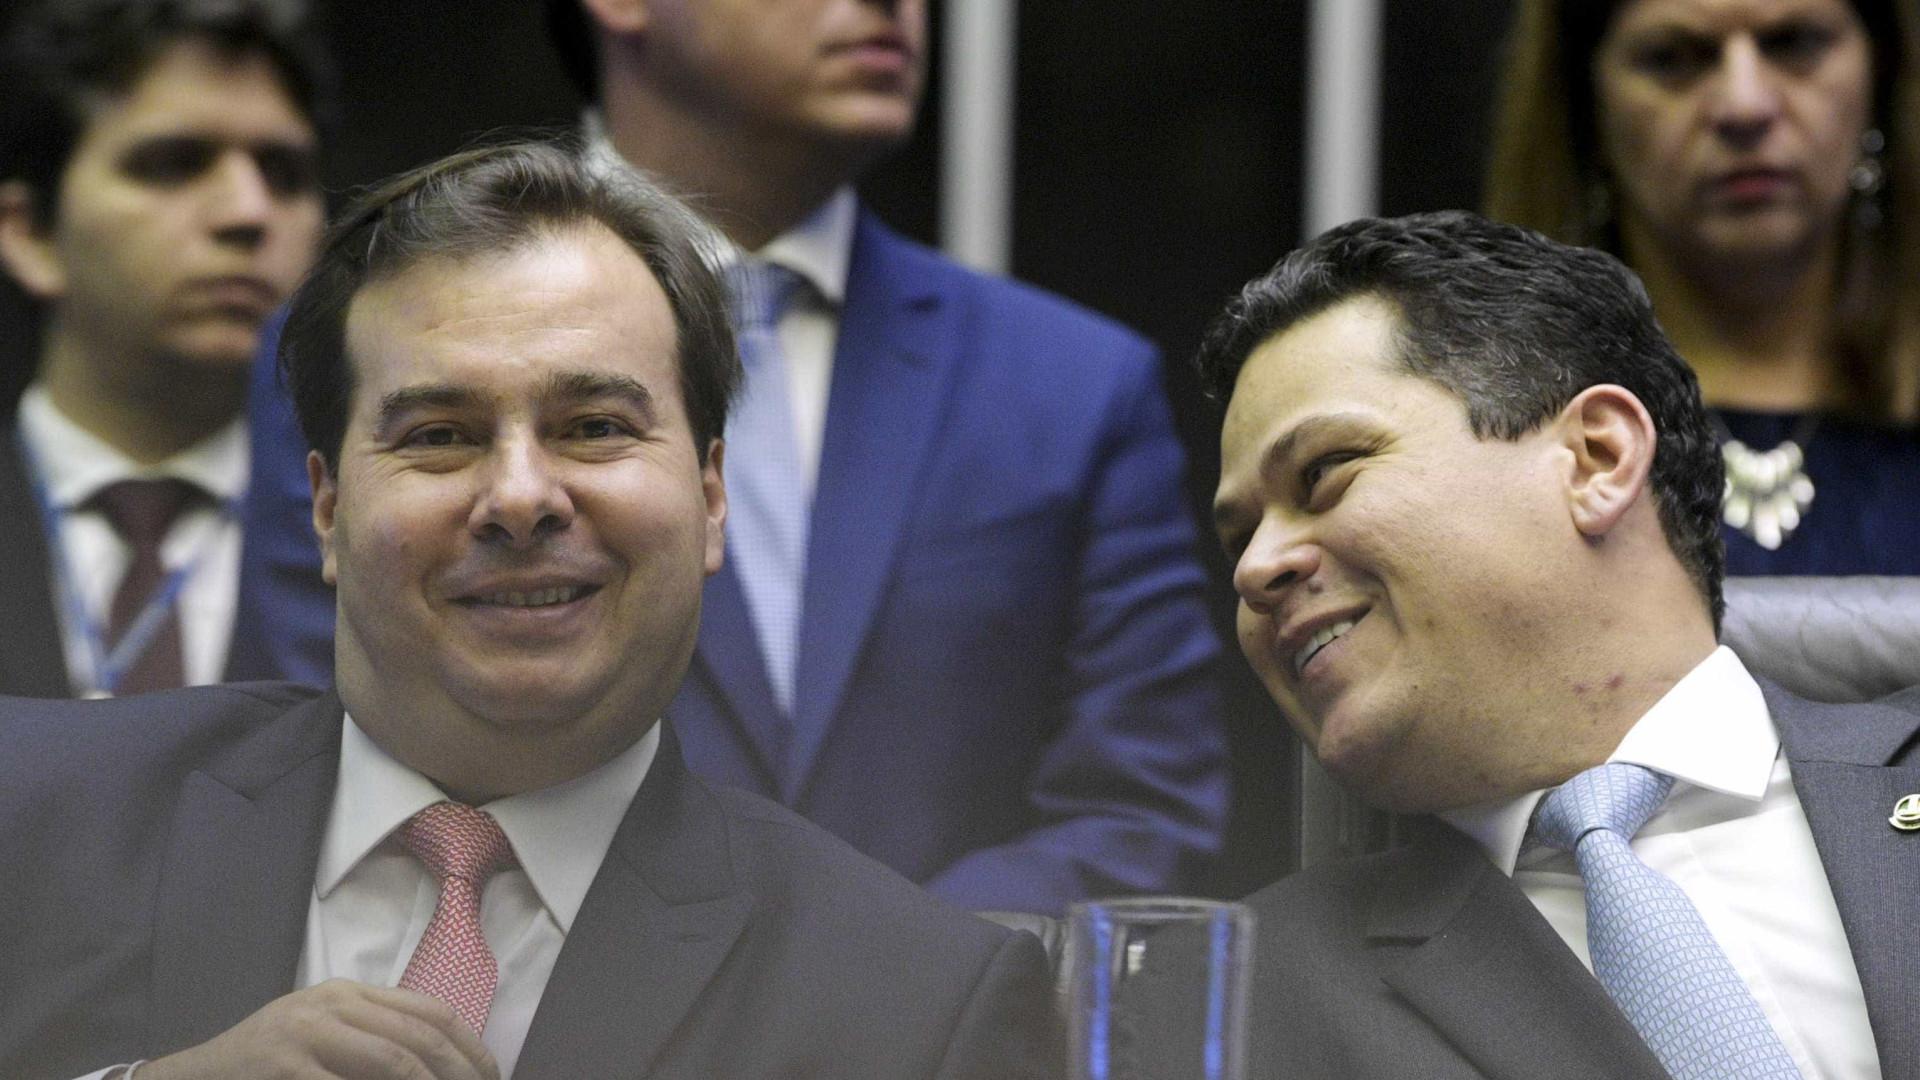 Grupo quer reeleição de Alcolumbre e de Maia